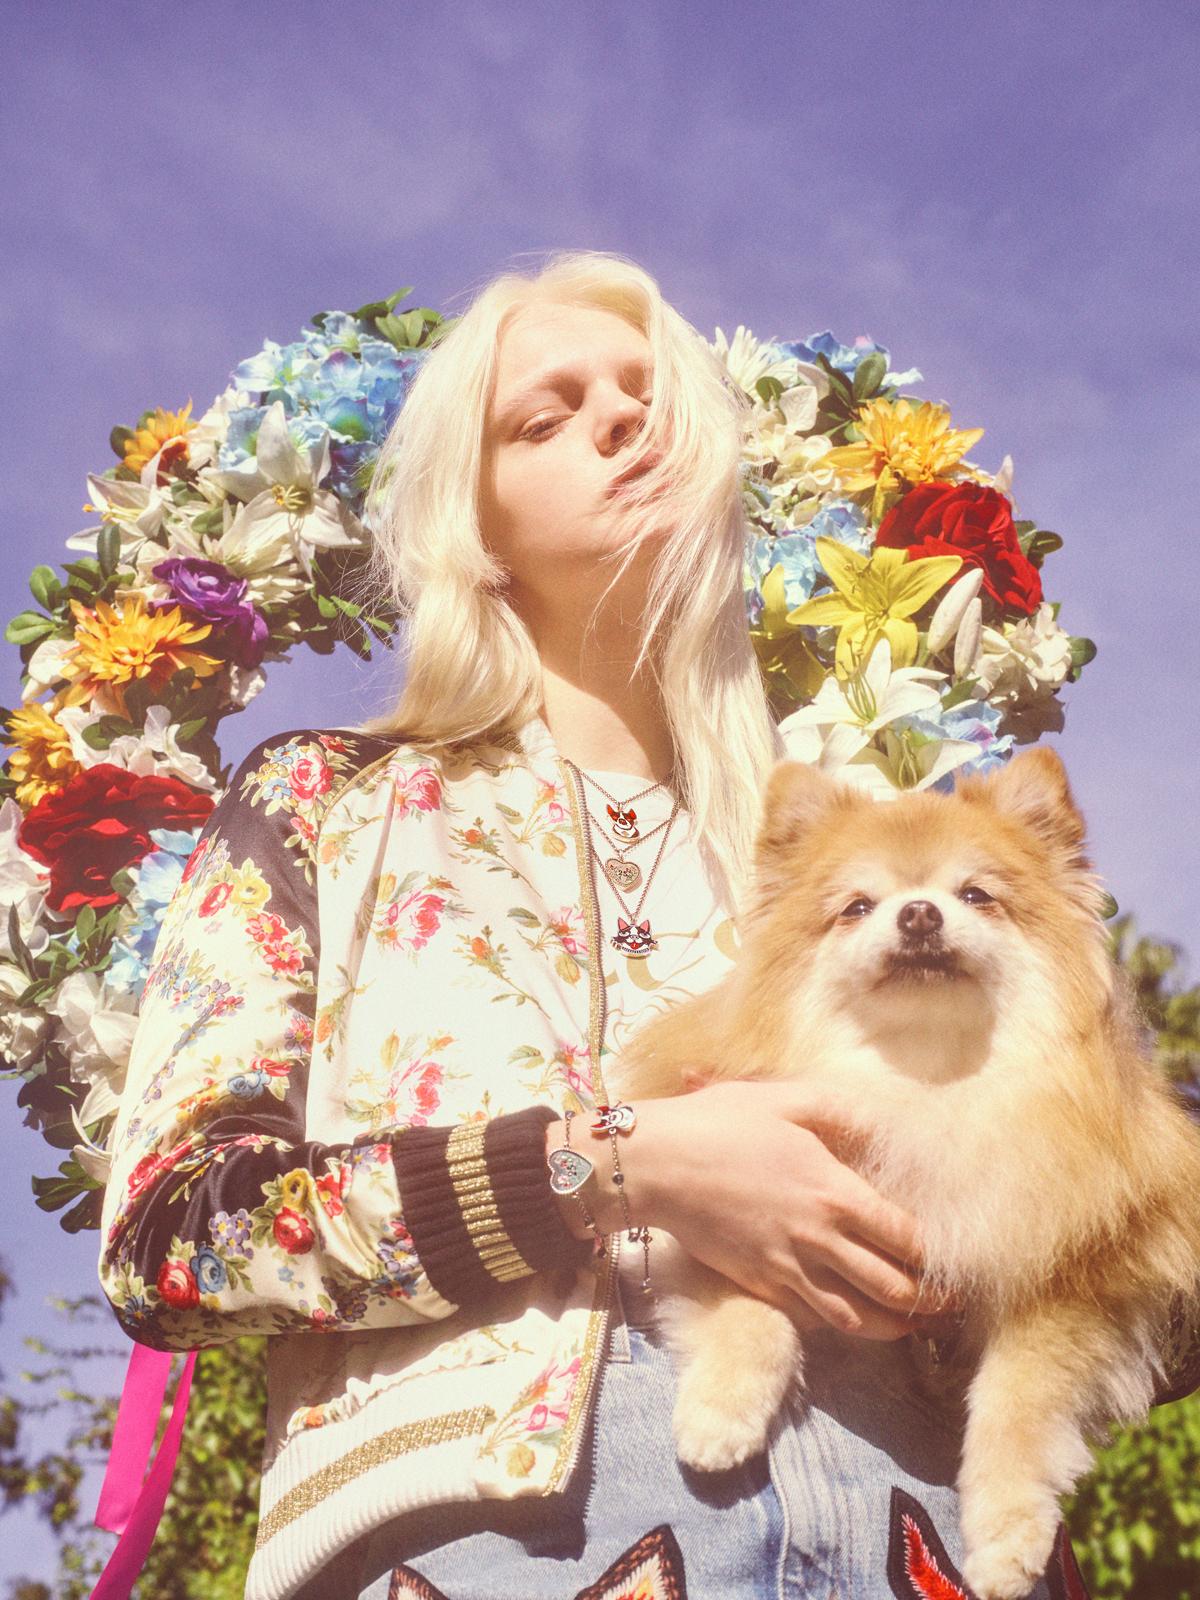 Pourquoi le chien inspire la nouvelle collection Gucci